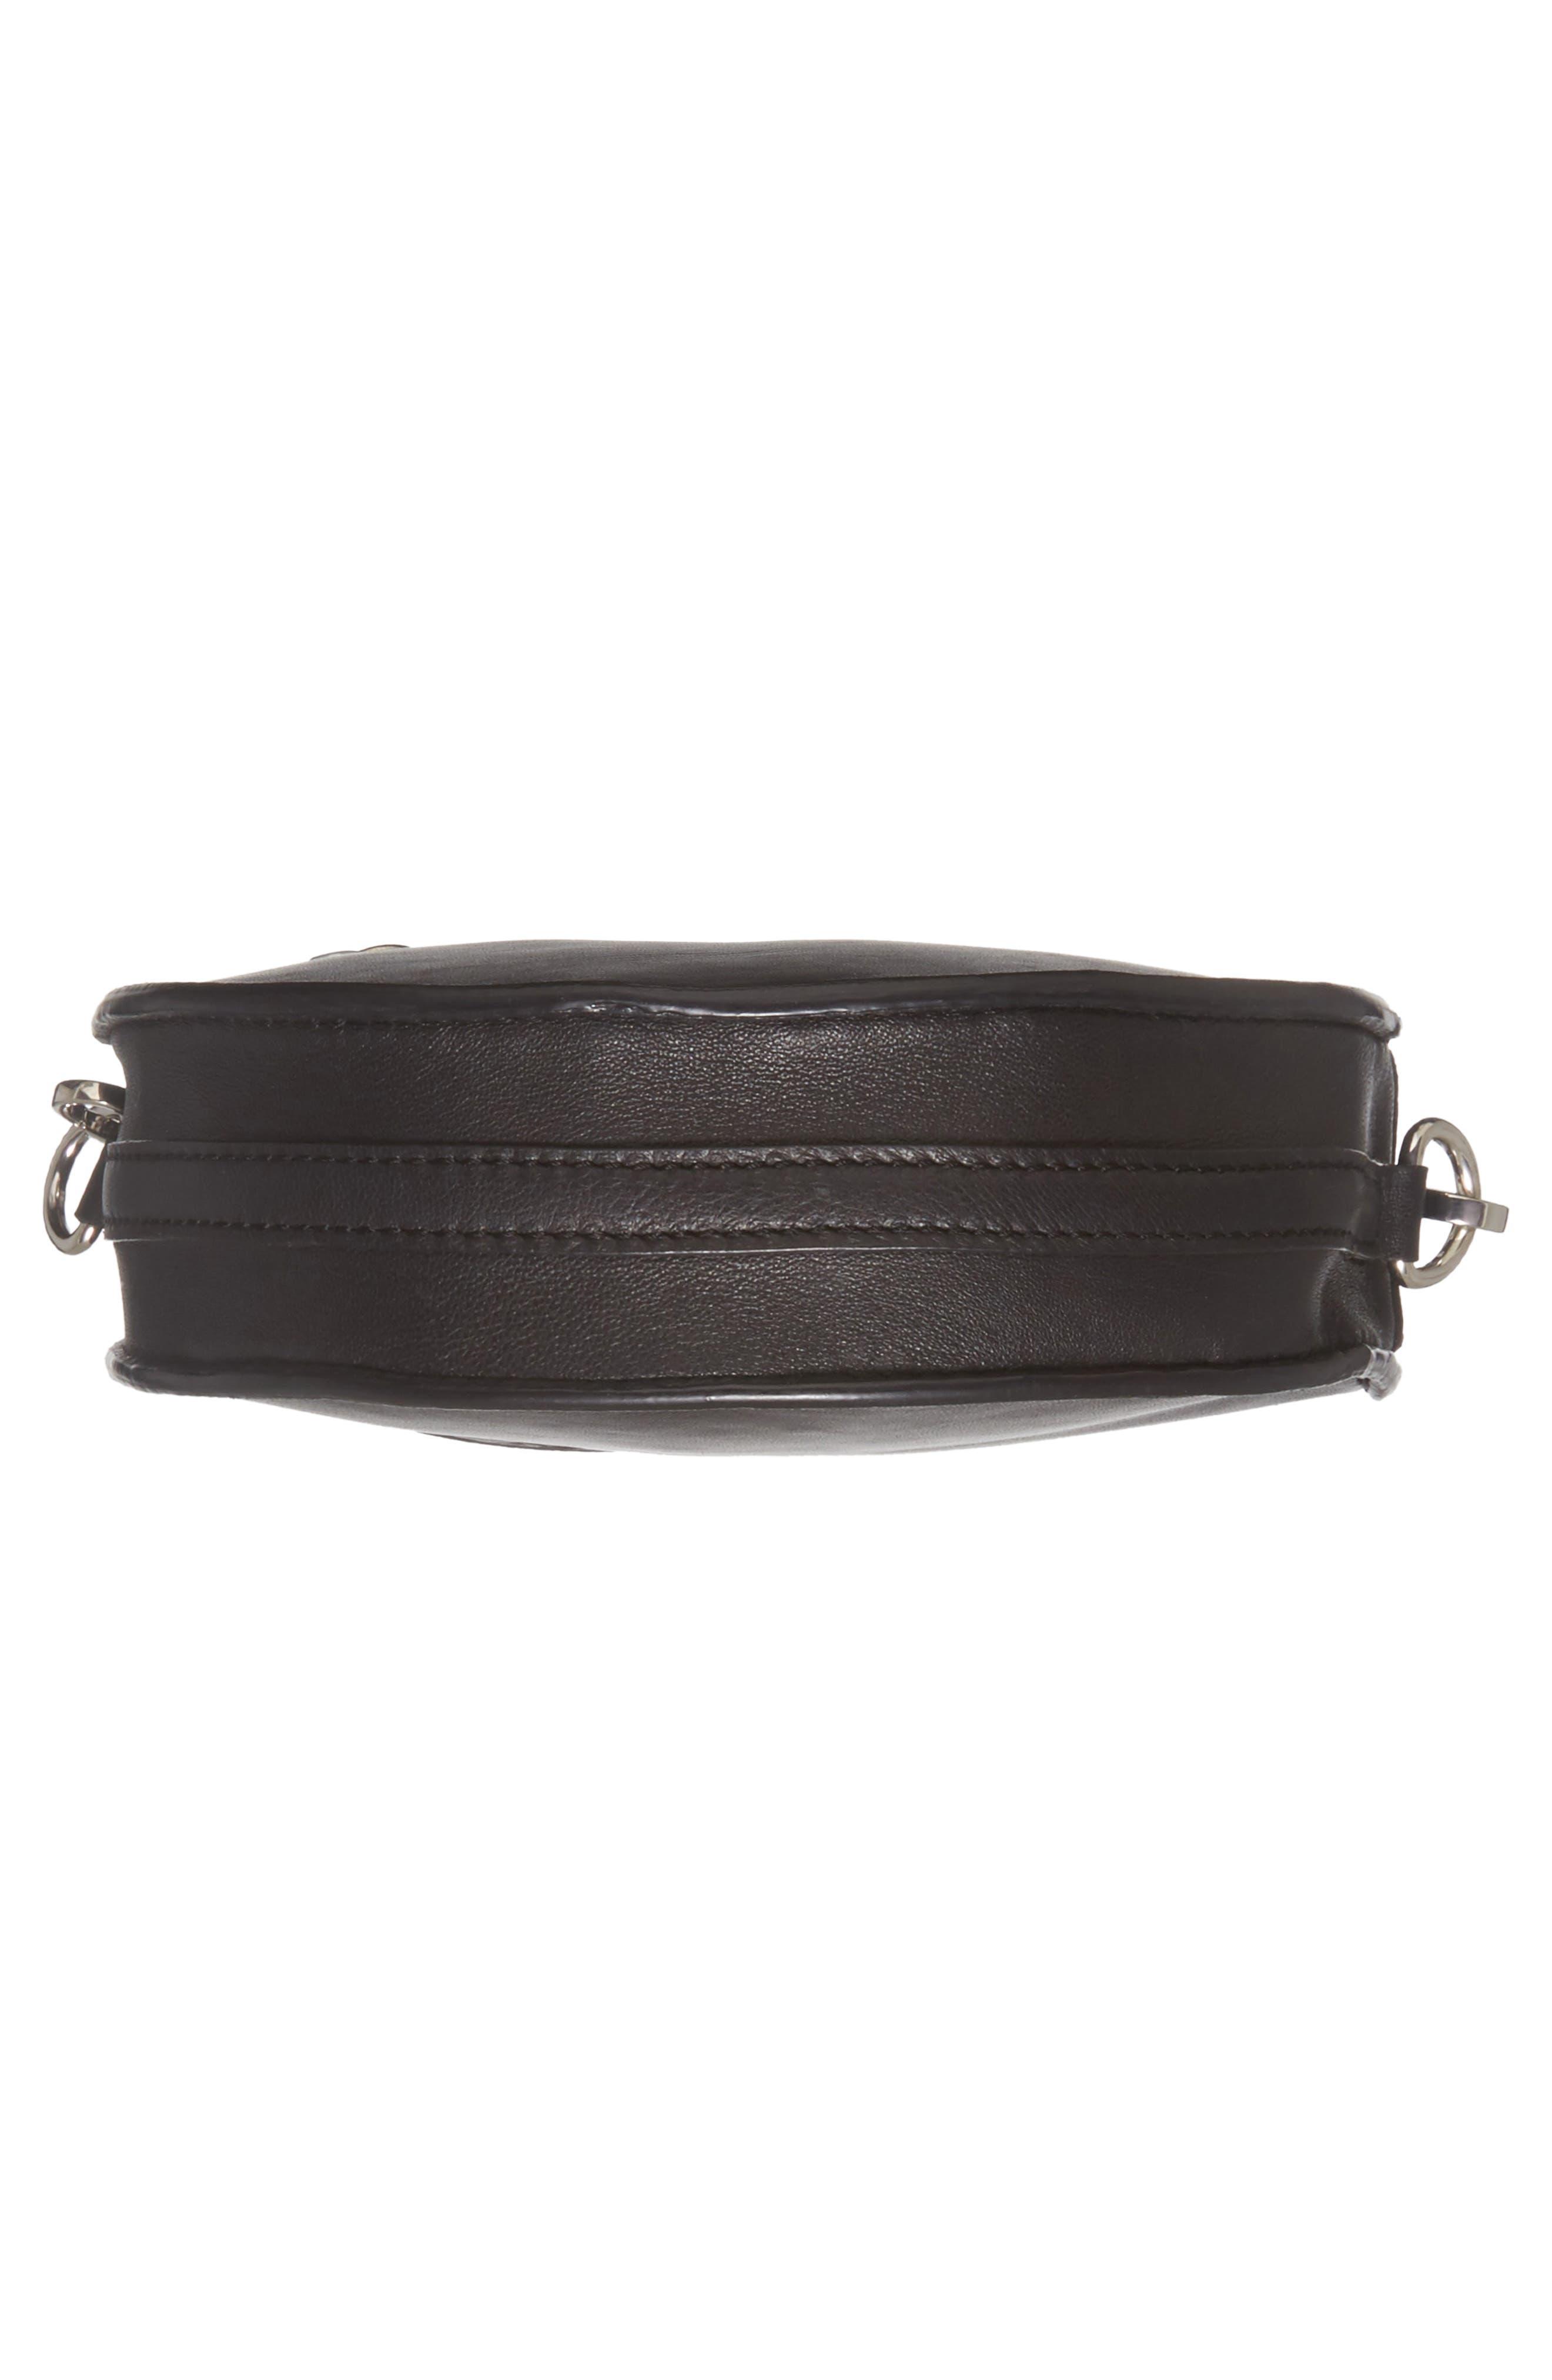 Premium Leather Mini Circle Crossbody Bag,                             Alternate thumbnail 6, color,                             Black